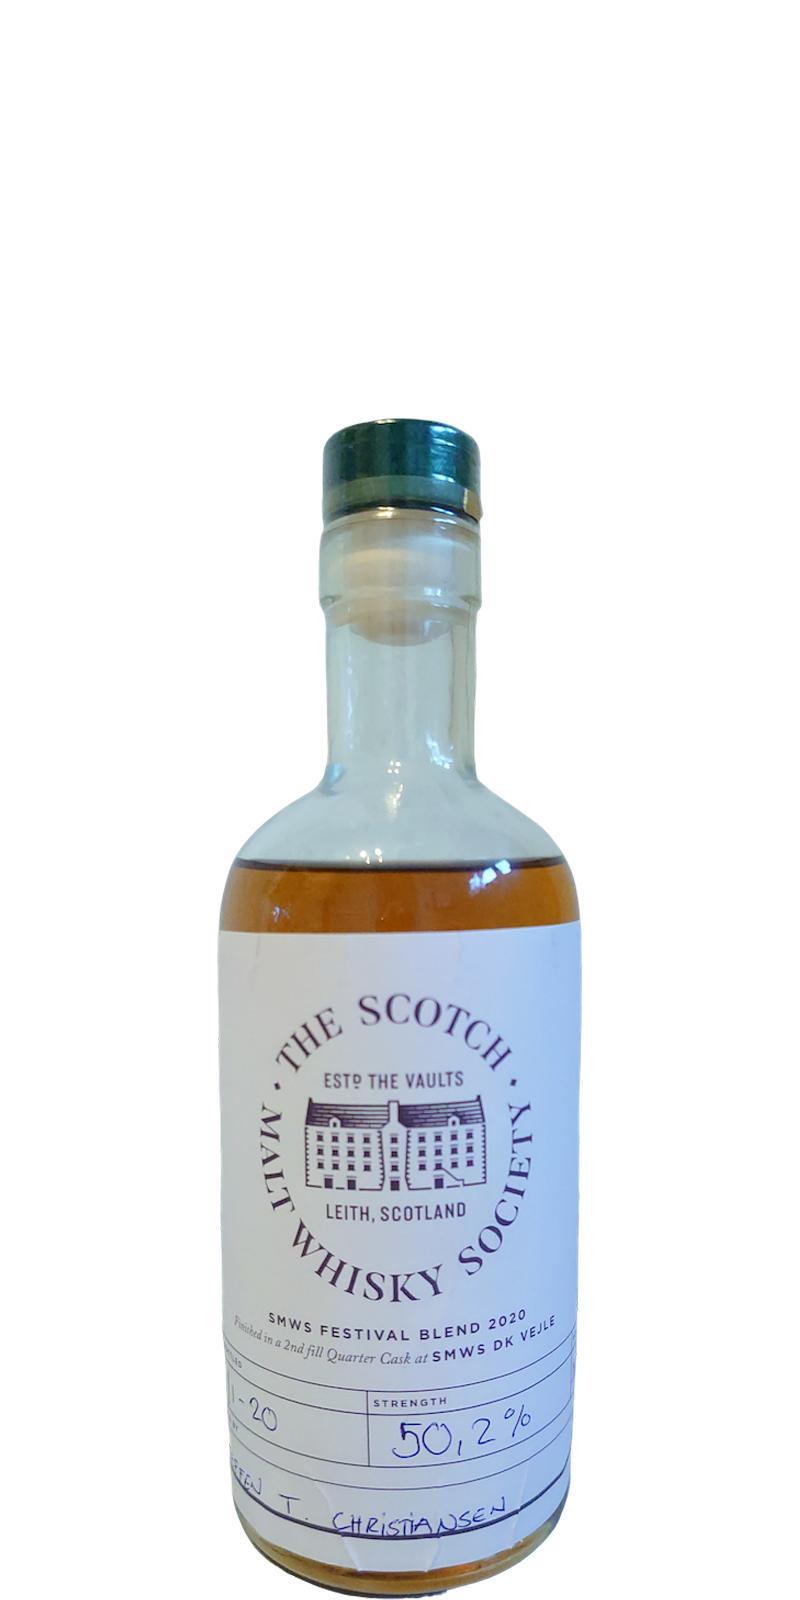 Blended Malt Scotch Whisky SMWS Festival Blend 2020